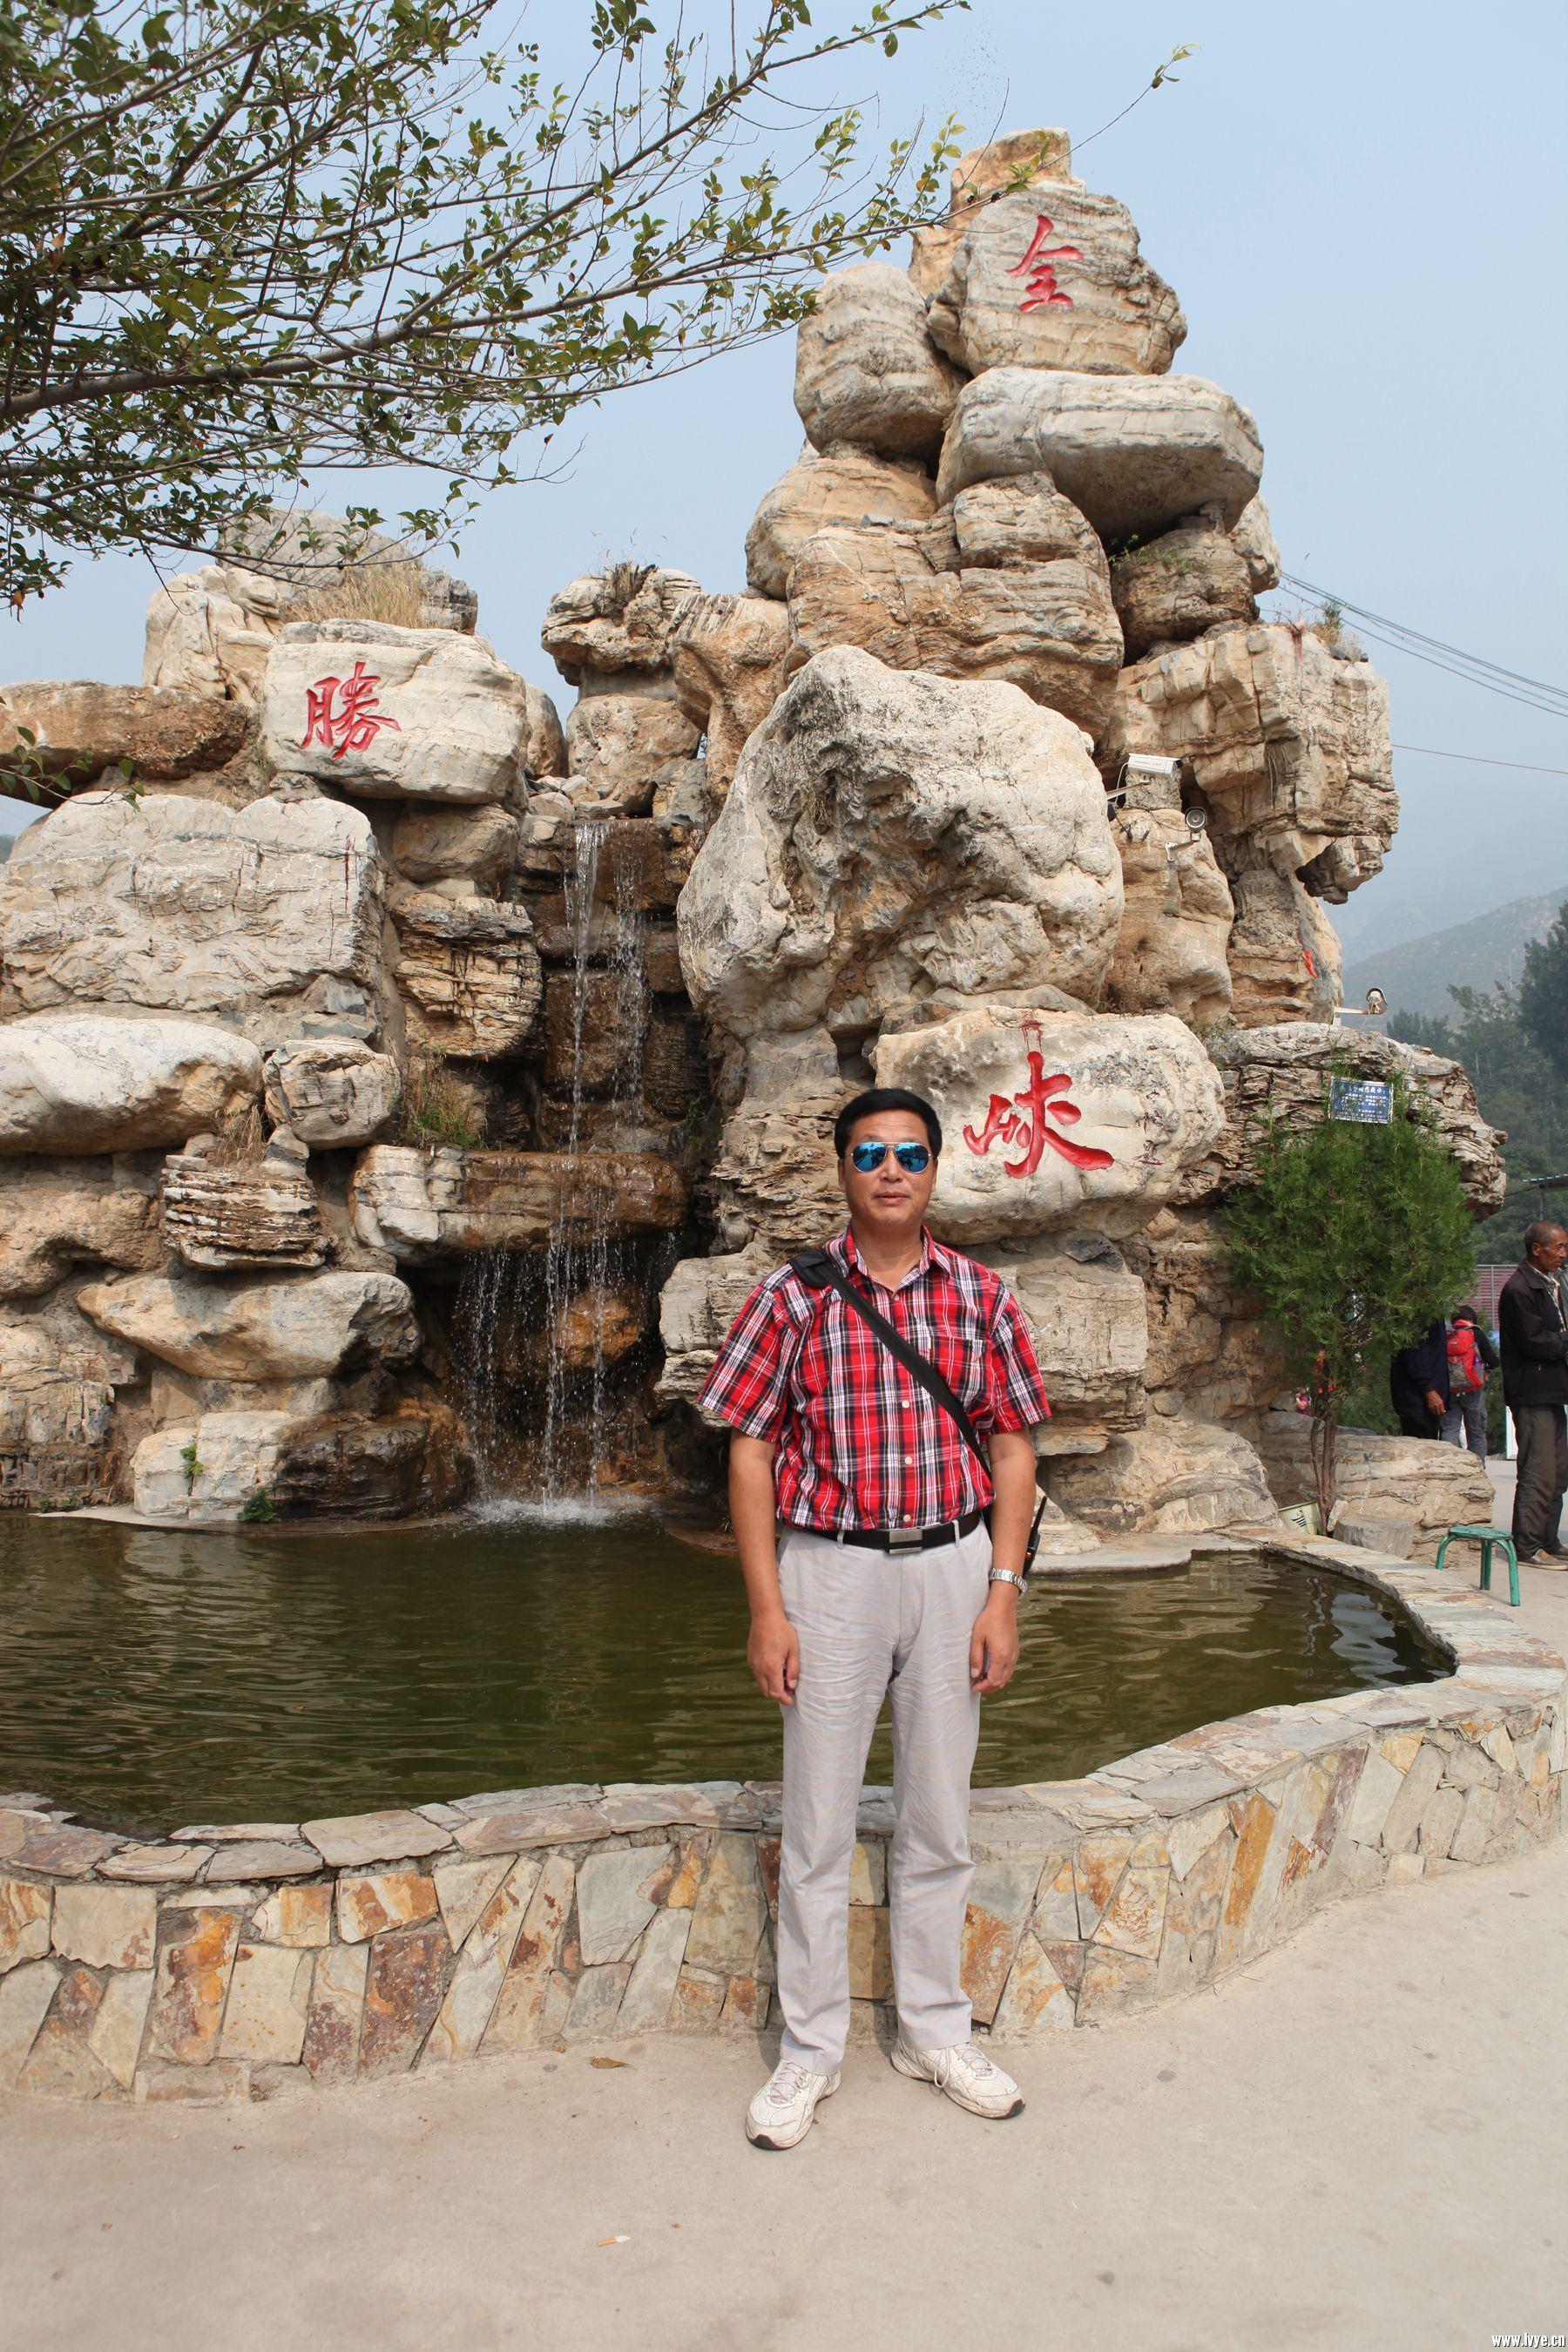 2016年9月24日《保定全胜峡风景区 观景 游玩 拍照》照片集锦